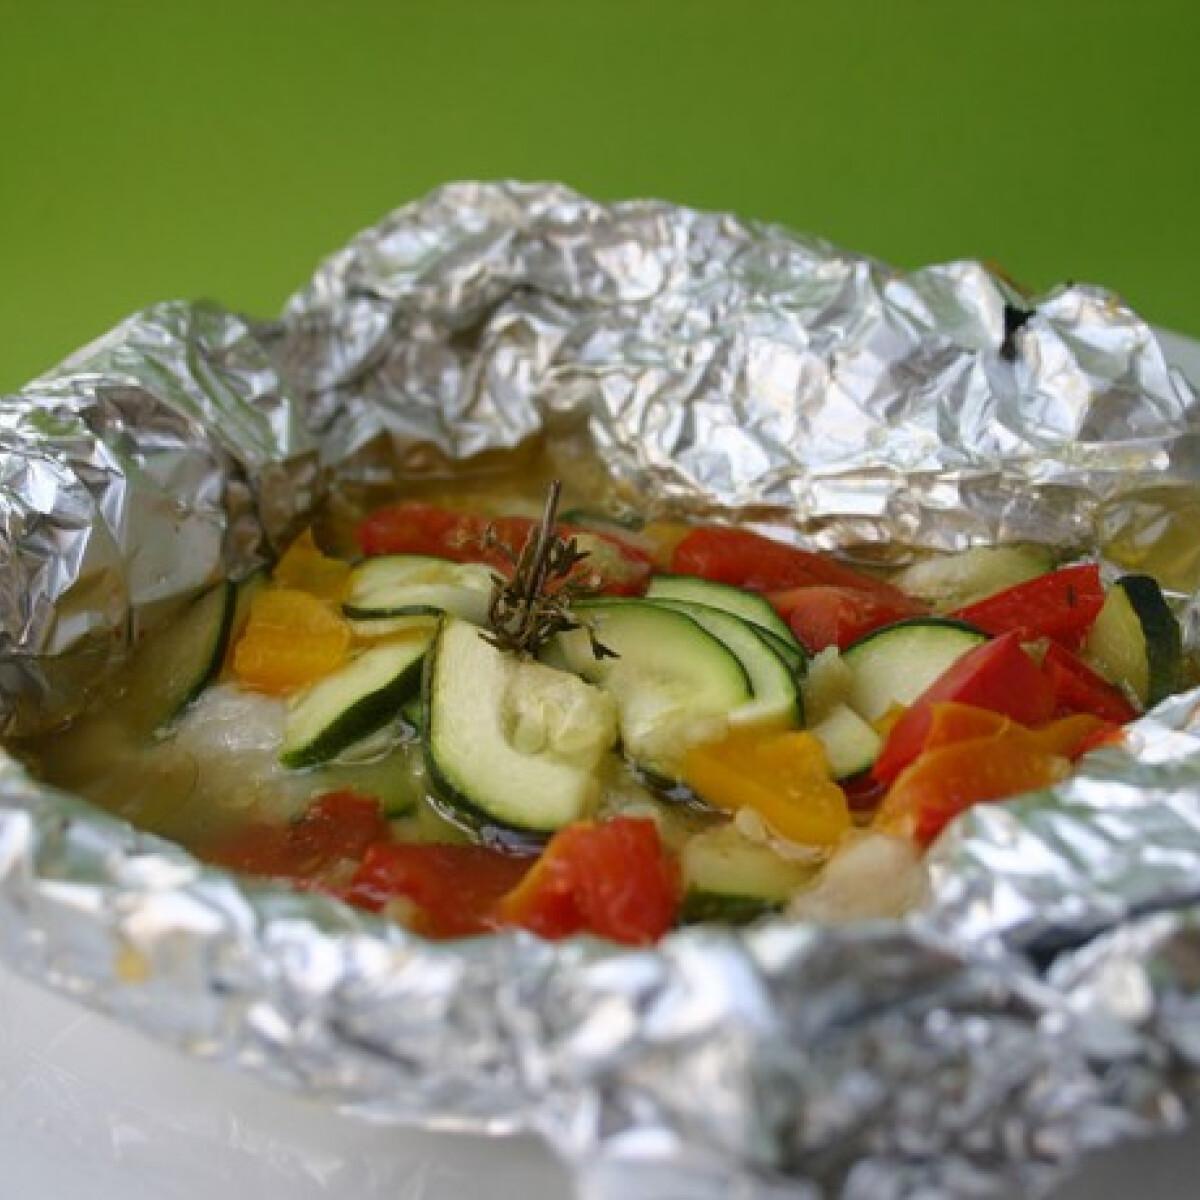 Ezen a képen: Zöldségekkel sült pangasius